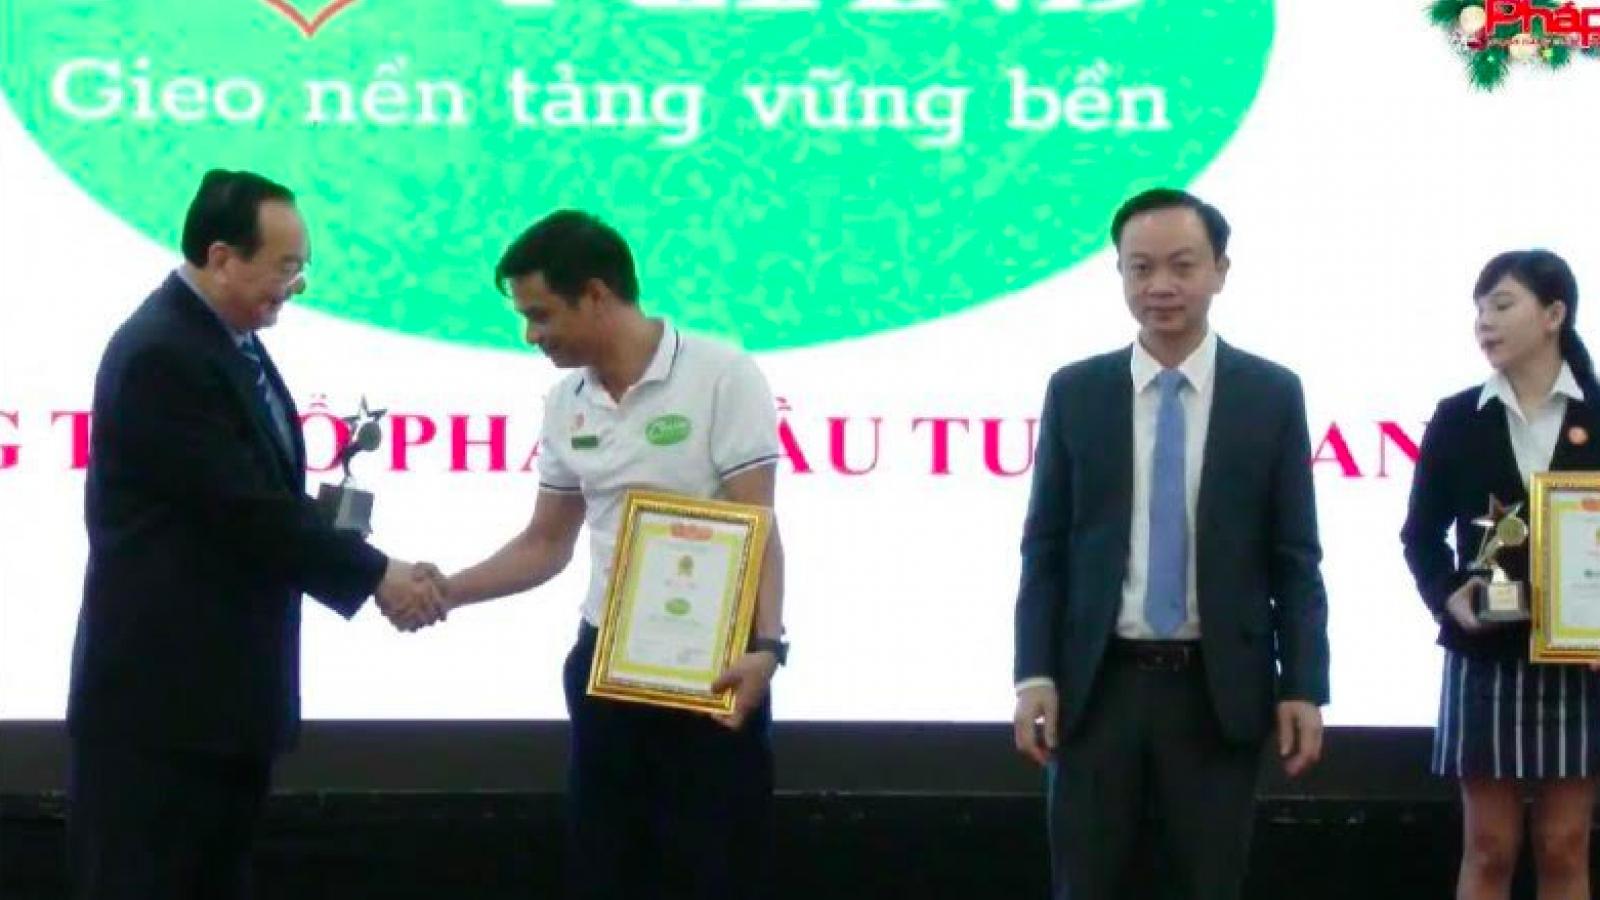 Doanh nhân Mai Văn An và An Land vinh dự nhận giải thưởng danh giá